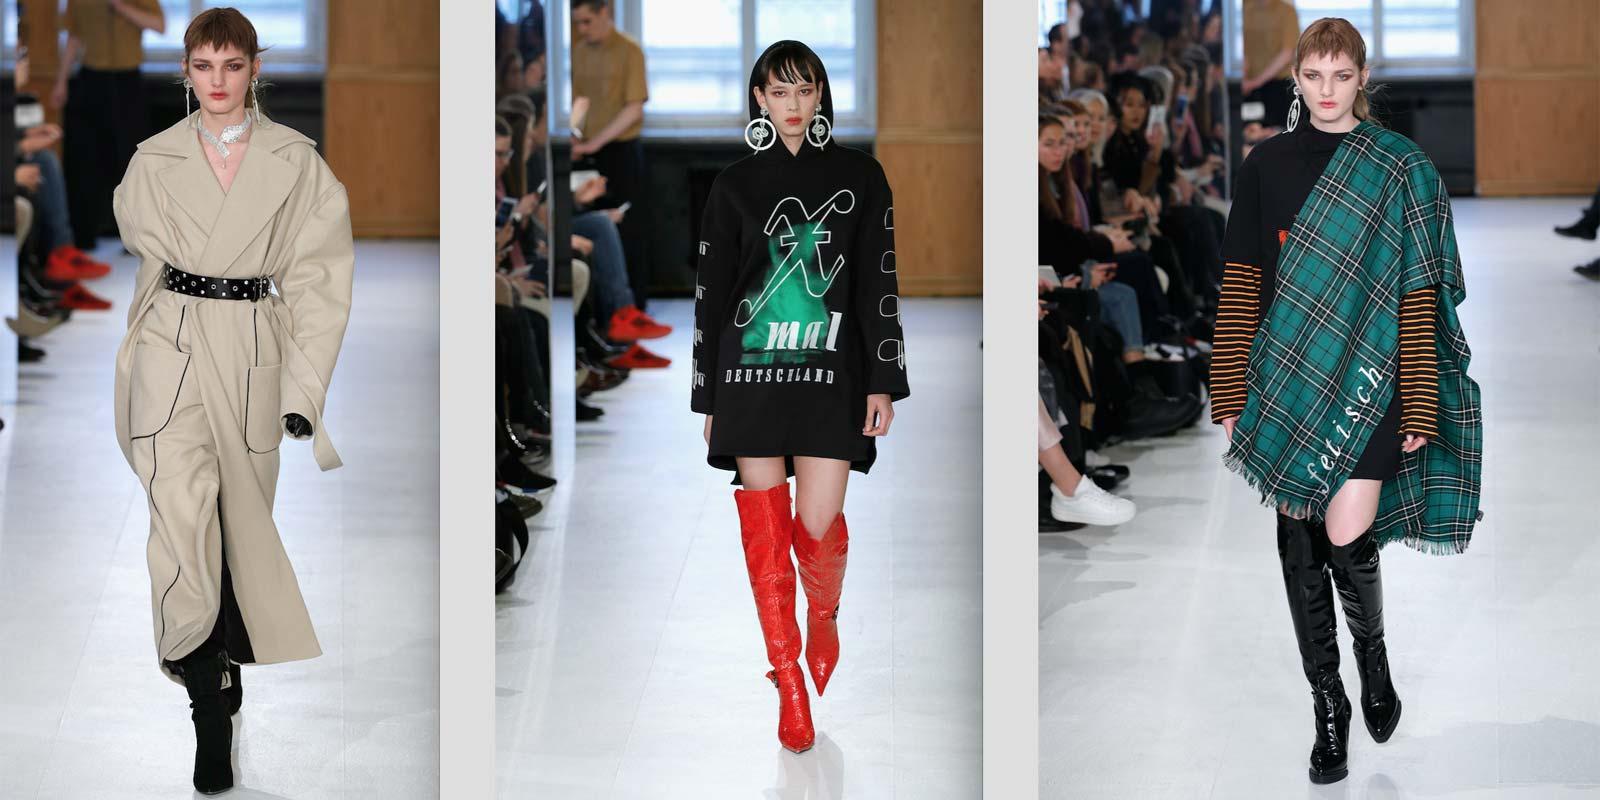 Xmal Deutschland Berlin Fashion Week